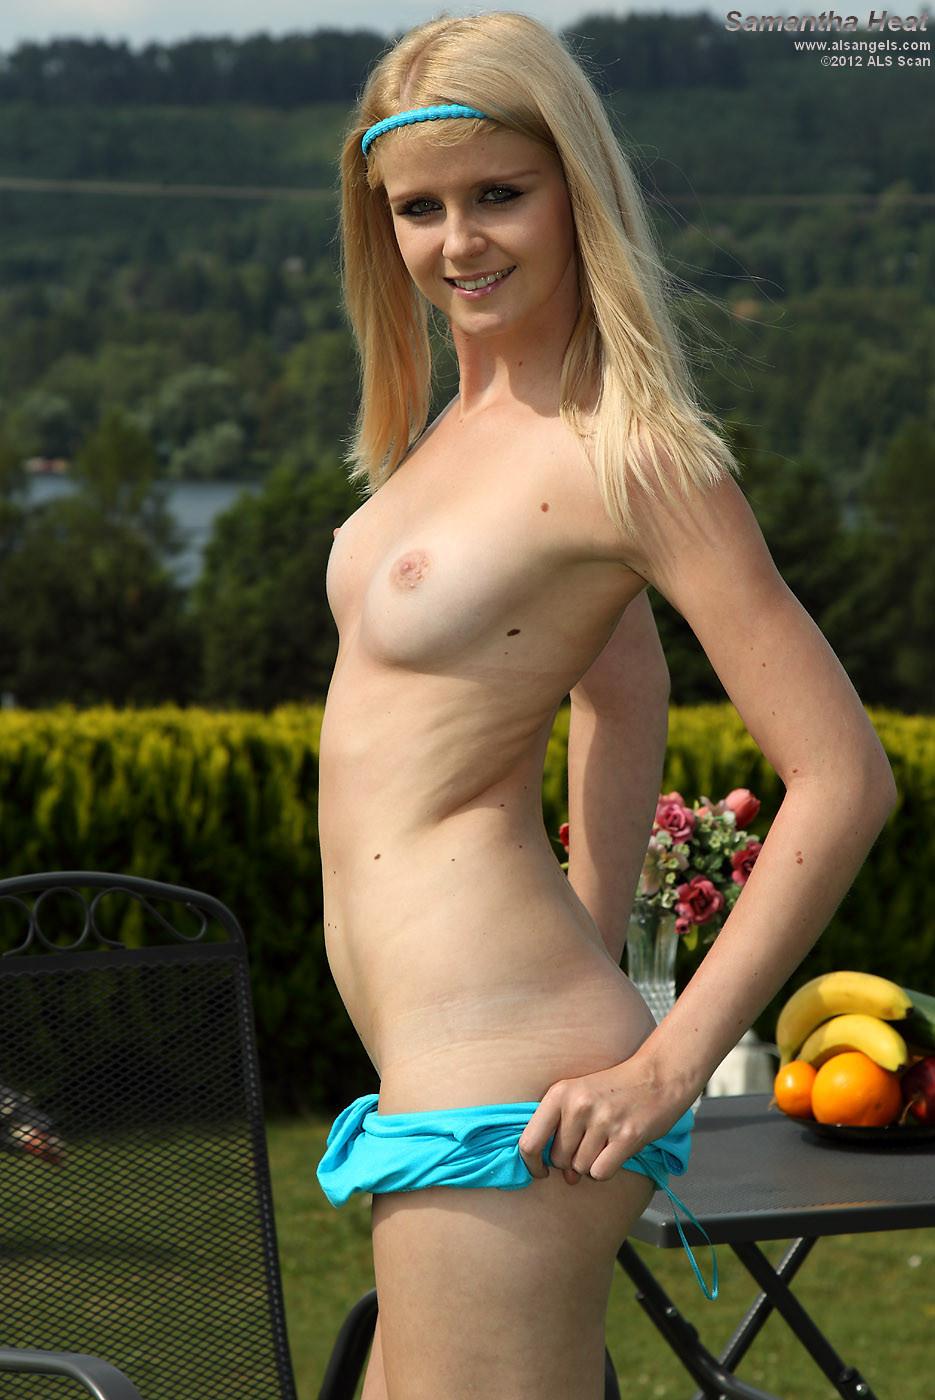 Блондинка Саманта выглядит так невинно, а на деле оказывается очень даже развратной стервочкой